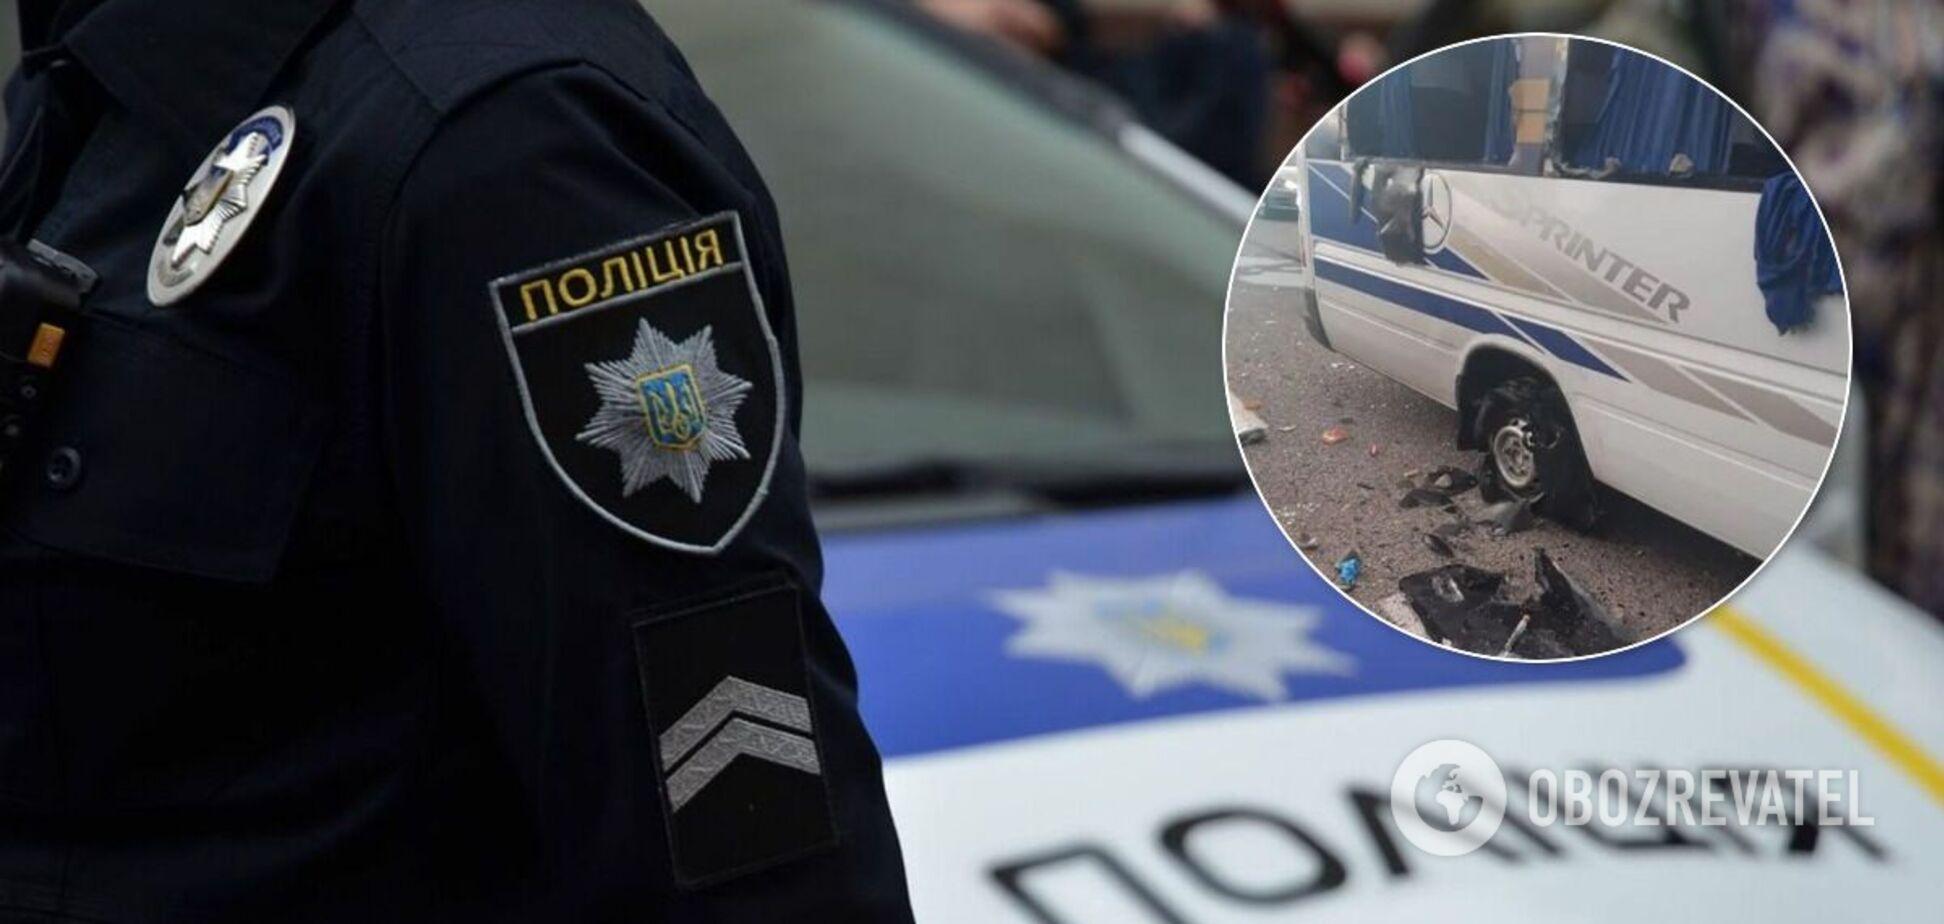 Полиция задержала 14 подозреваемых в нападении на людей Кивы